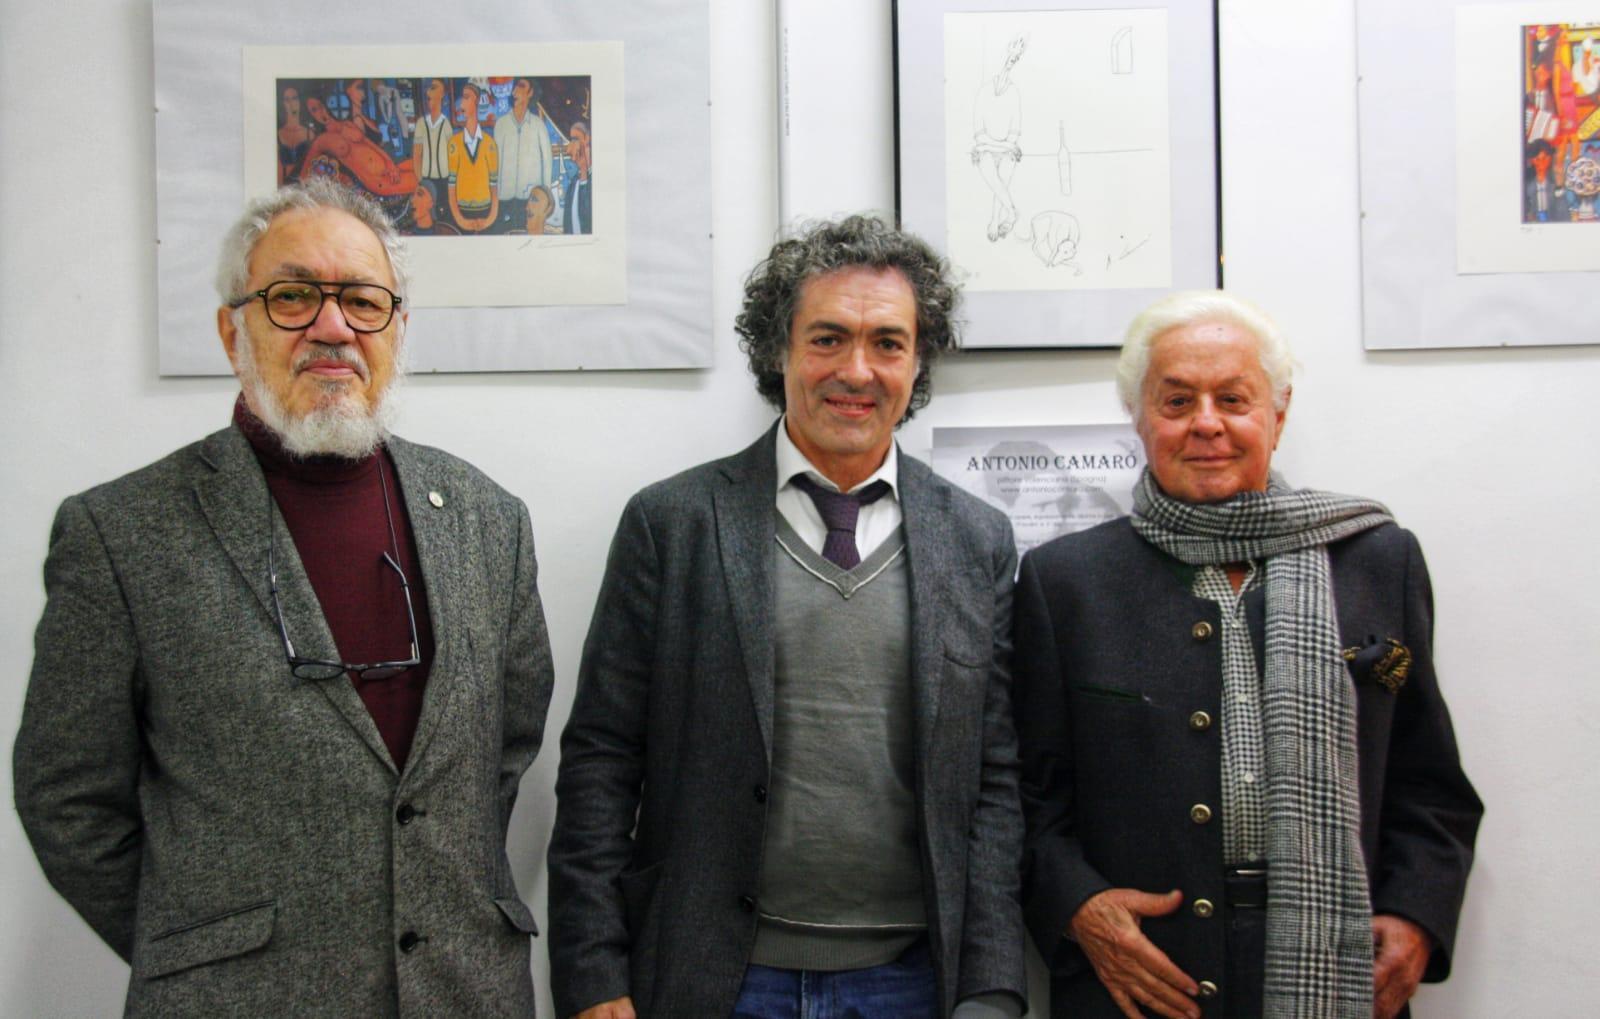 Antonio Camaró junto a Roman Reyes rector de la universidad Europea Emui y Roberto Capucci modisto y diseñador de las películas de Pasolini.